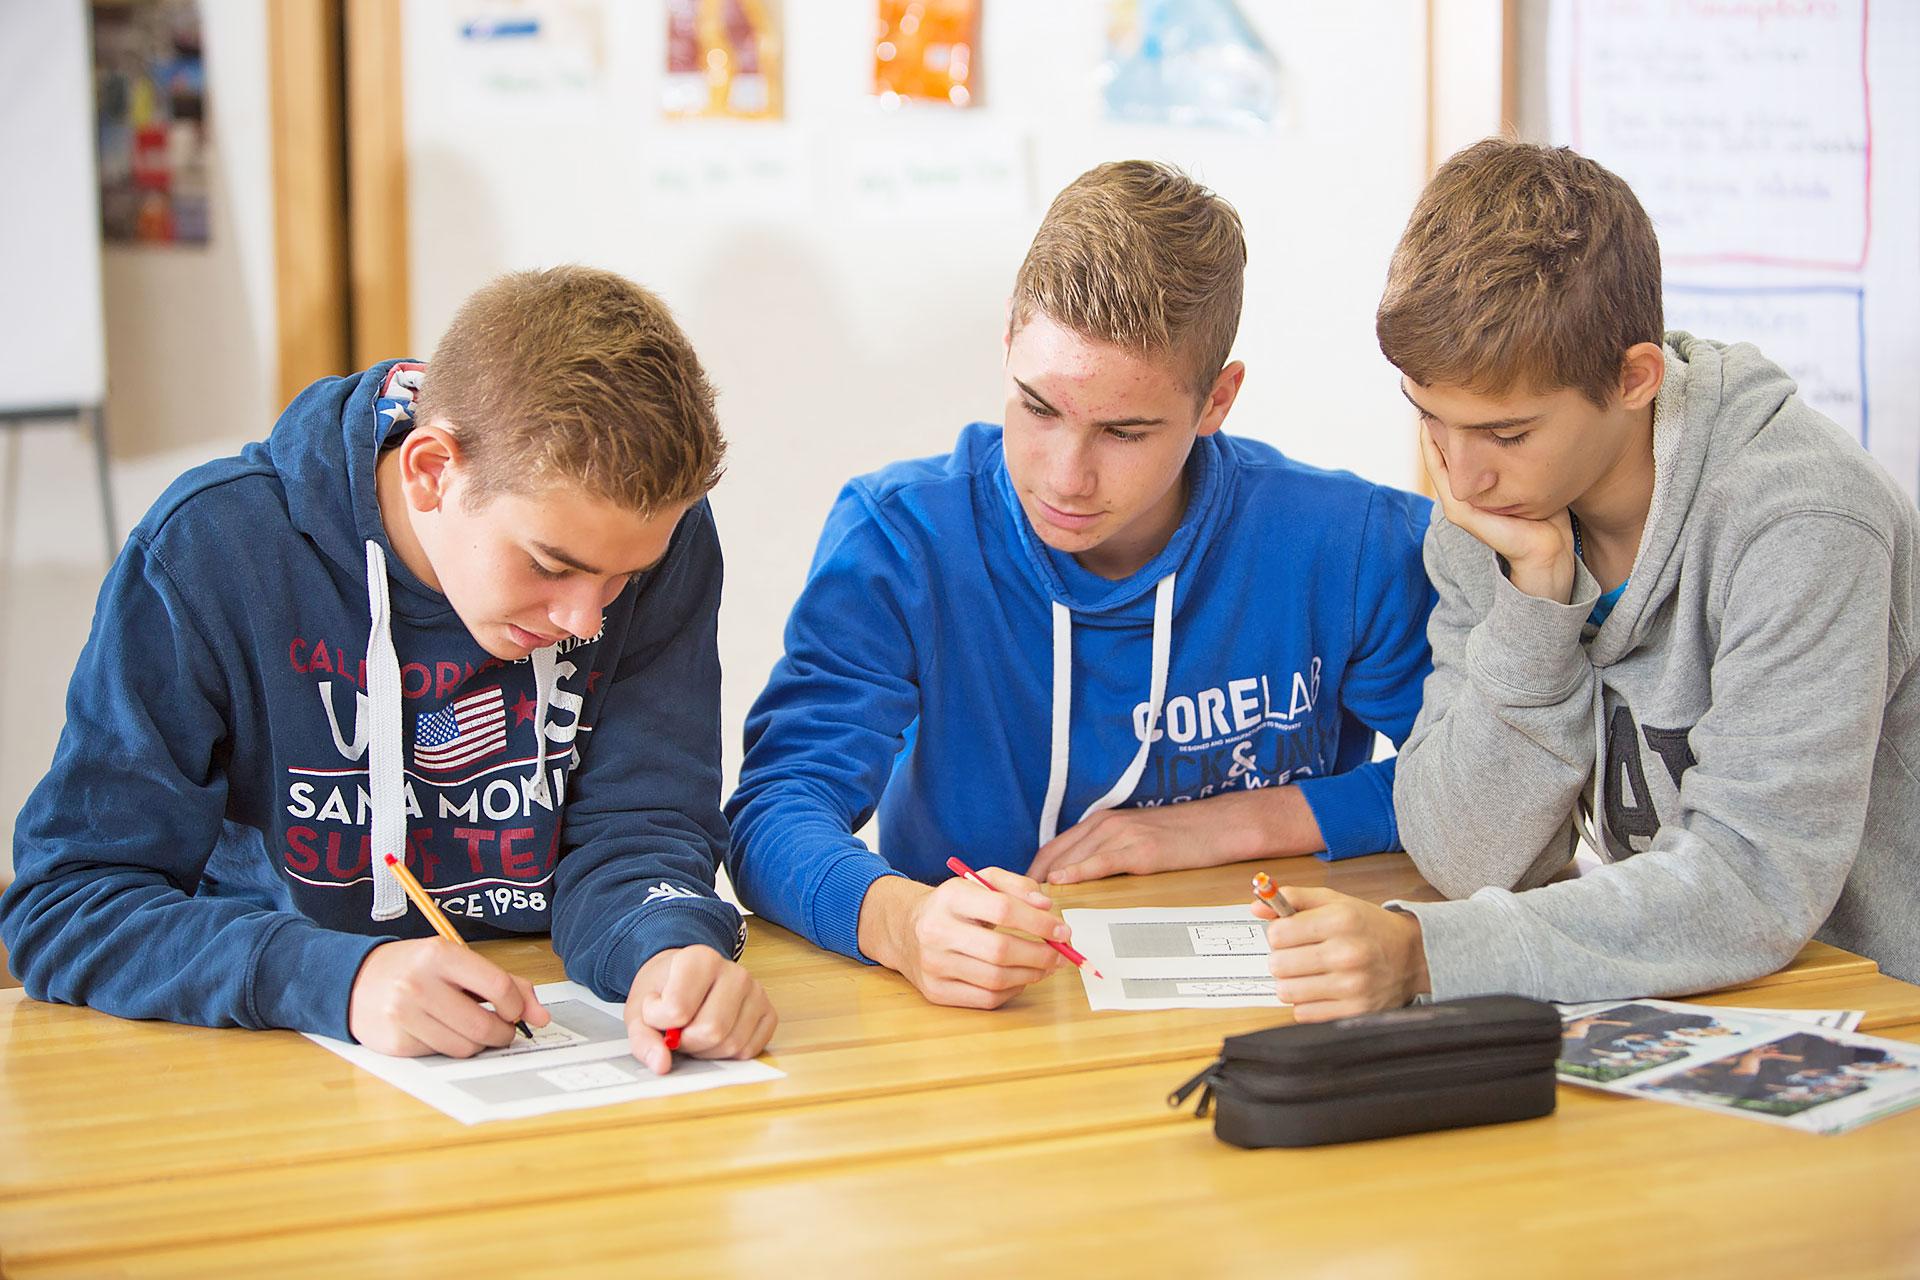 Drei Schüler bearbeiten kooperativ eine Aufgabe